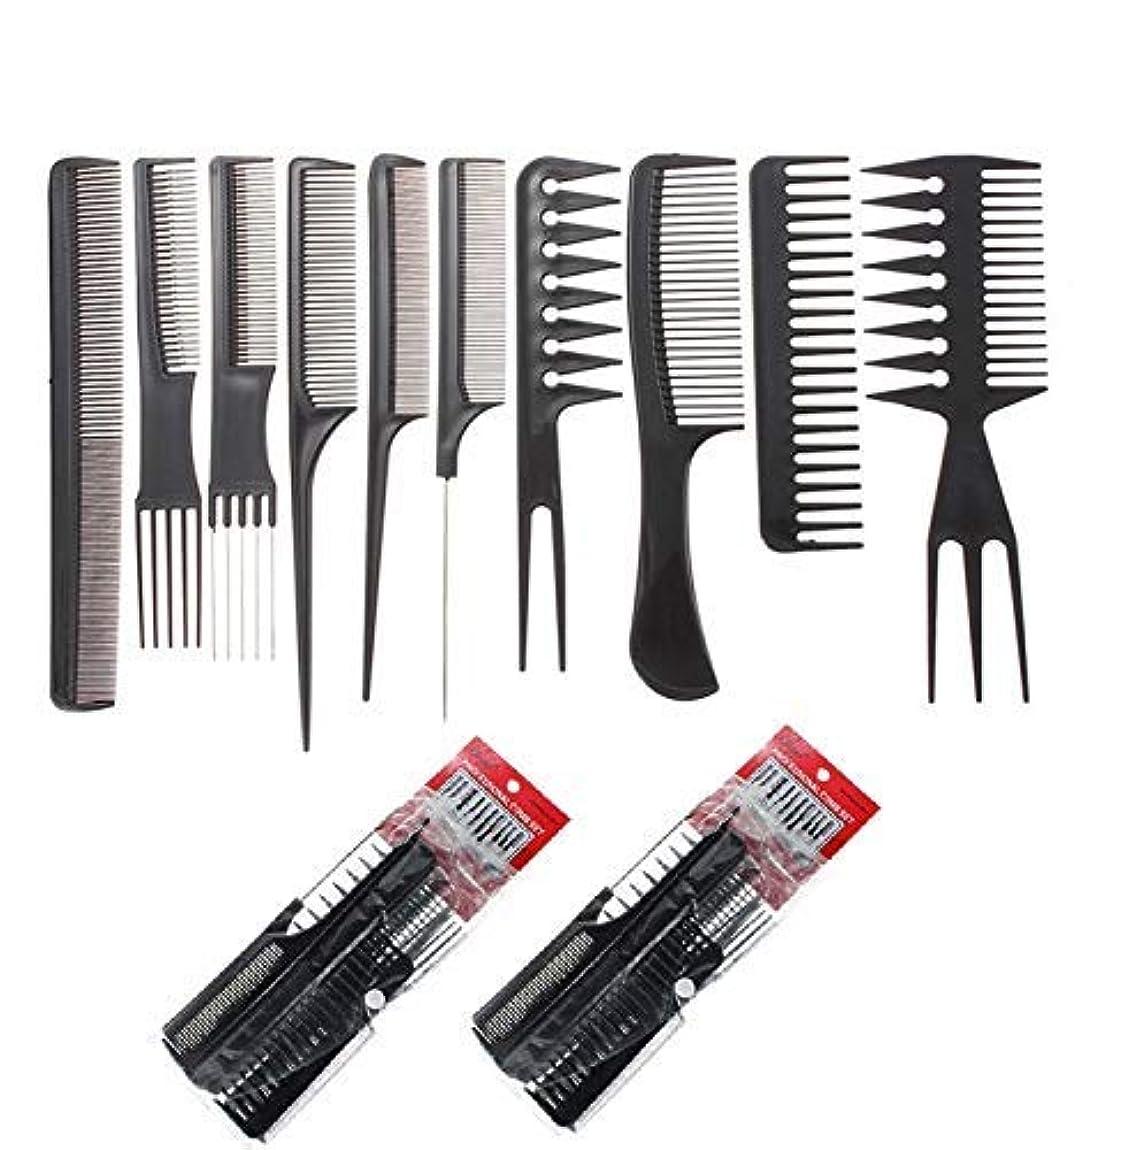 感謝契約したメインSBYURE 20pcs Professional Styling Comb Set,10pcs/Set,2 Set Salon Hairdressing Combs Hair Care Styling Tools Hair...